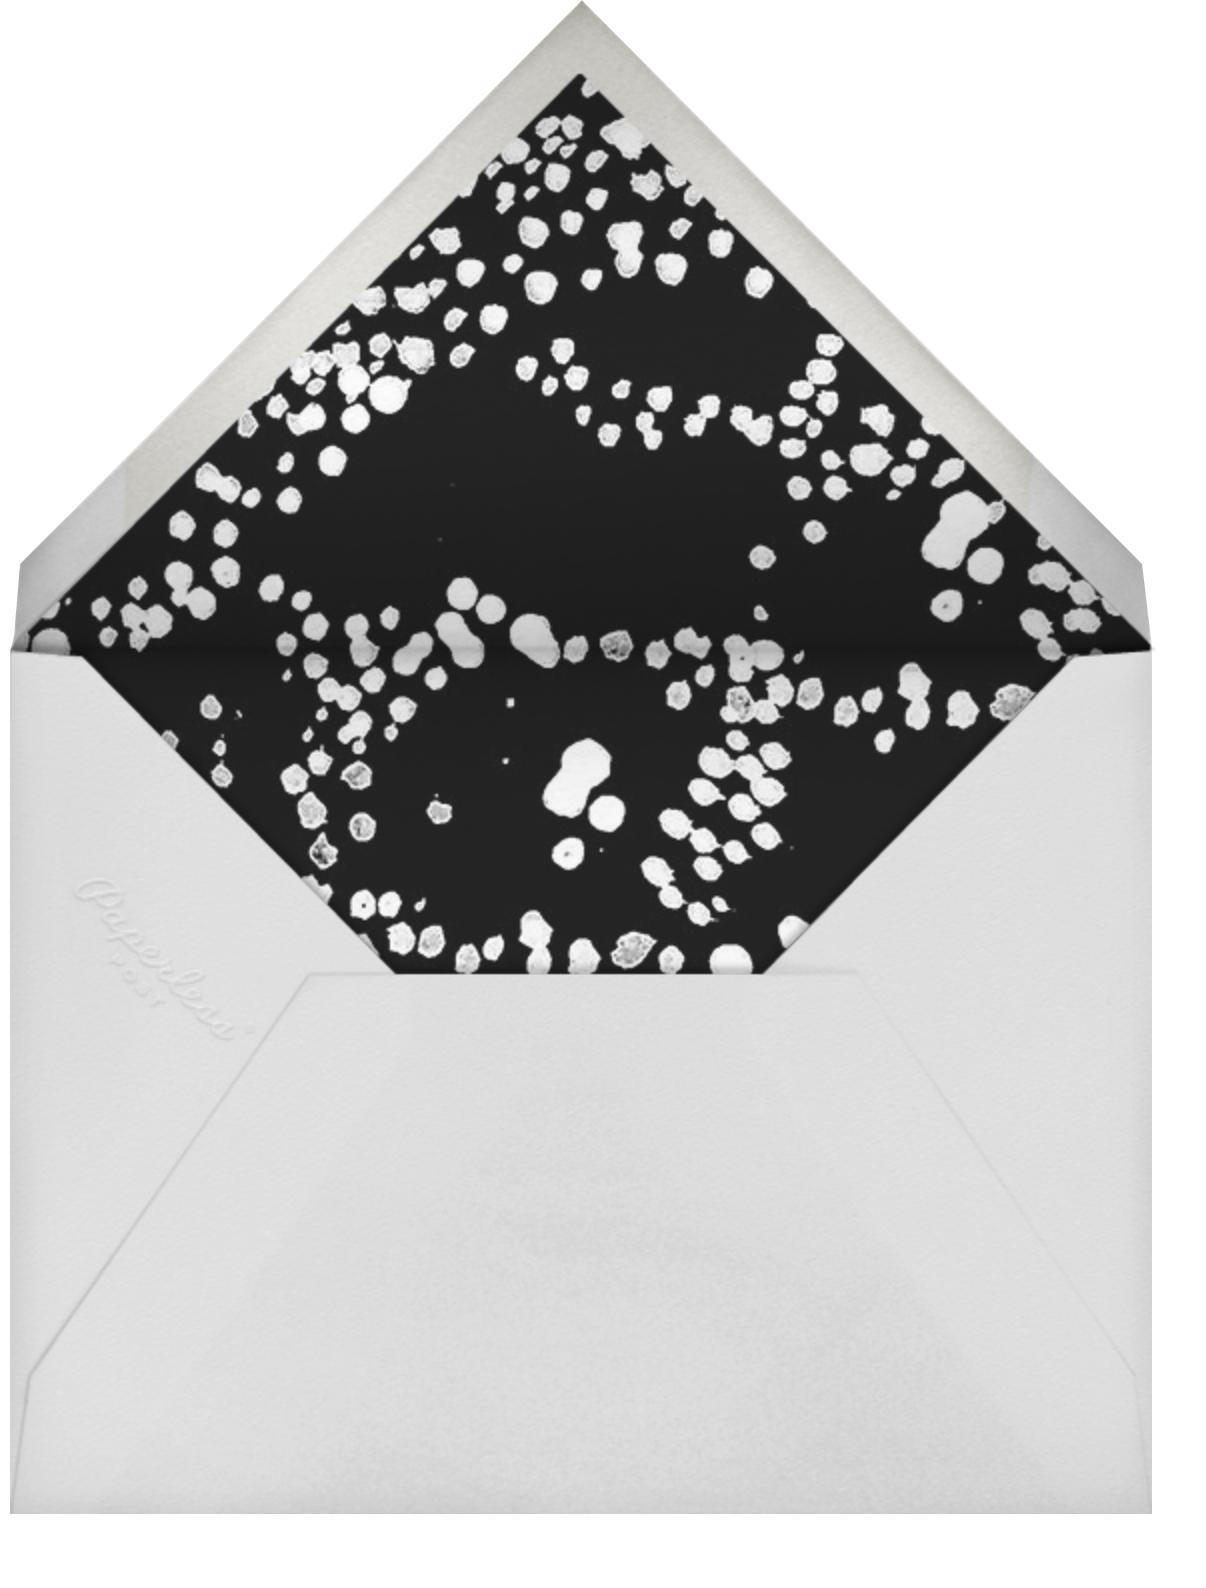 Evoke (Tall) - Black/Gold - Kelly Wearstler - Cocktail party - envelope back